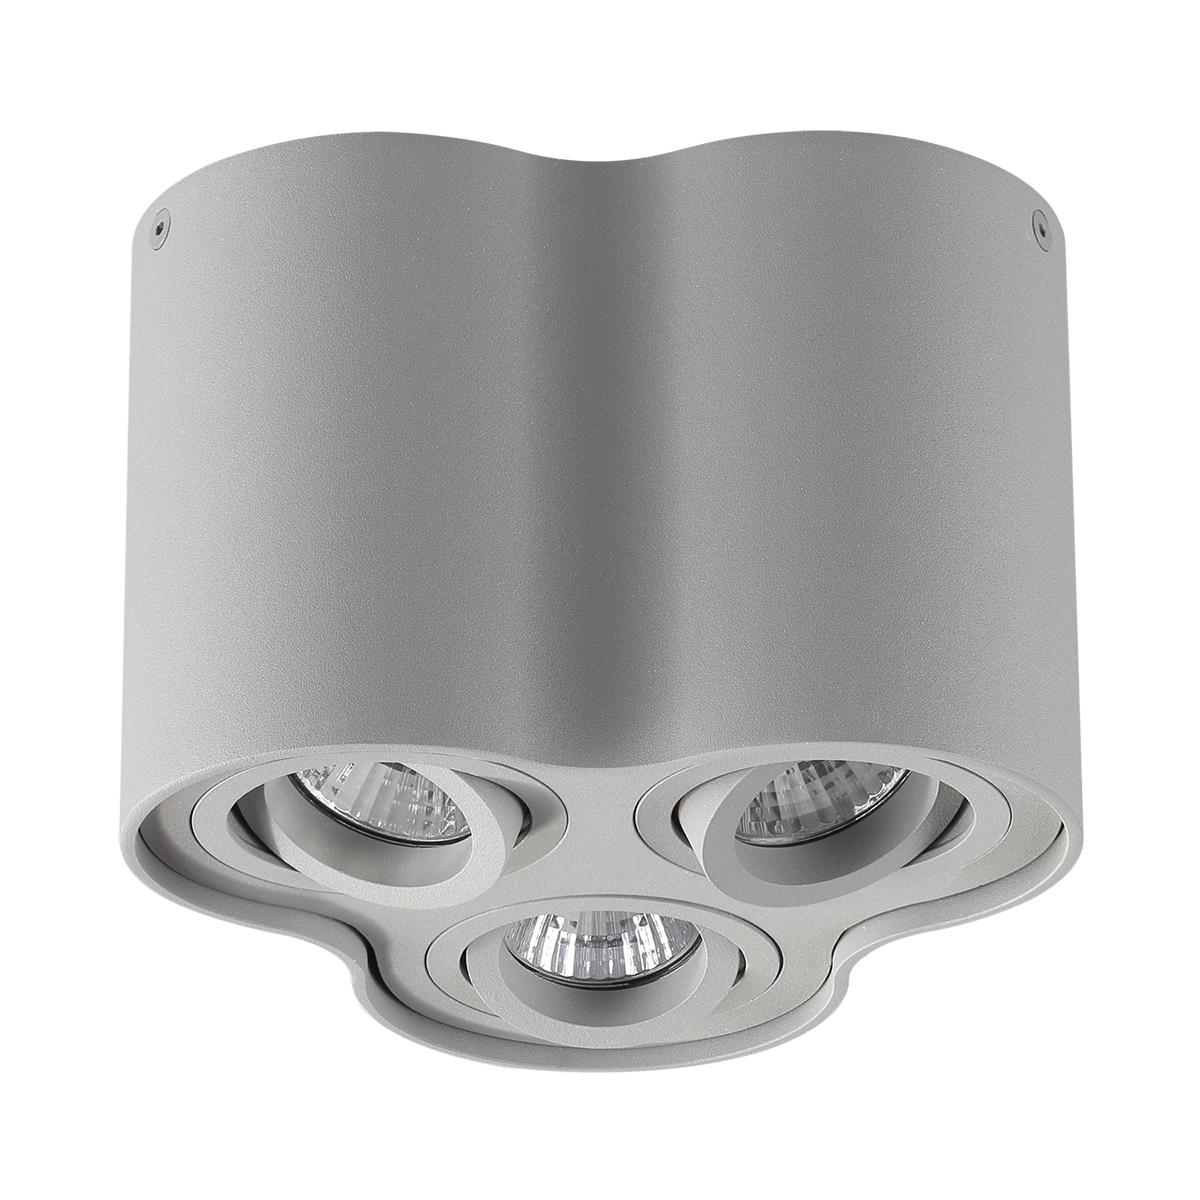 Потолочный светильник Odeon Light 3831/3C, серый, металл - фото 2